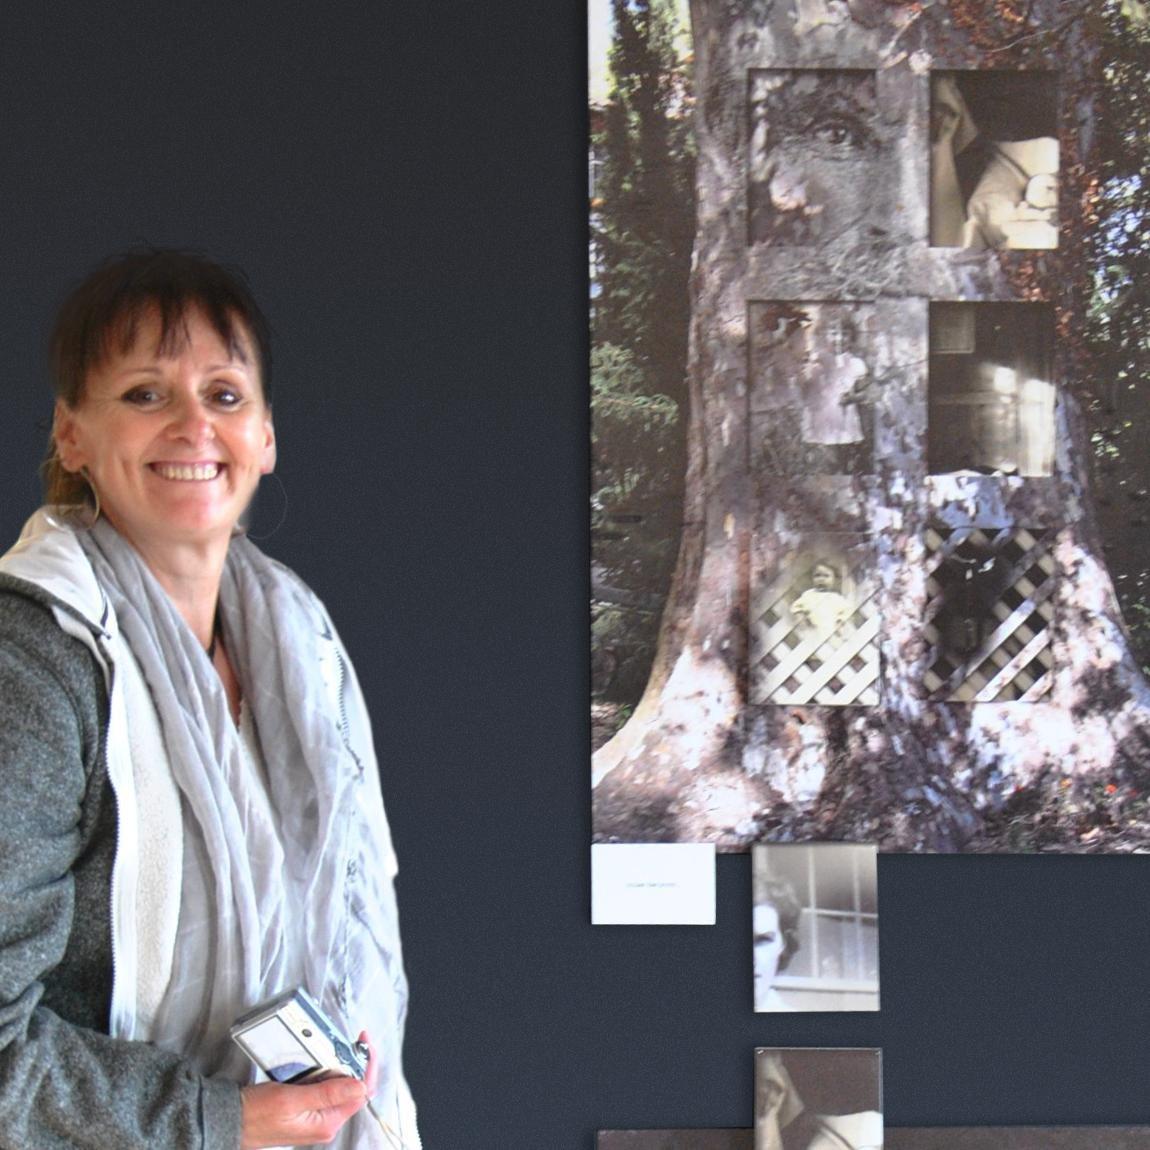 Marline Charbonneau donne une seconde vie à ses photographies